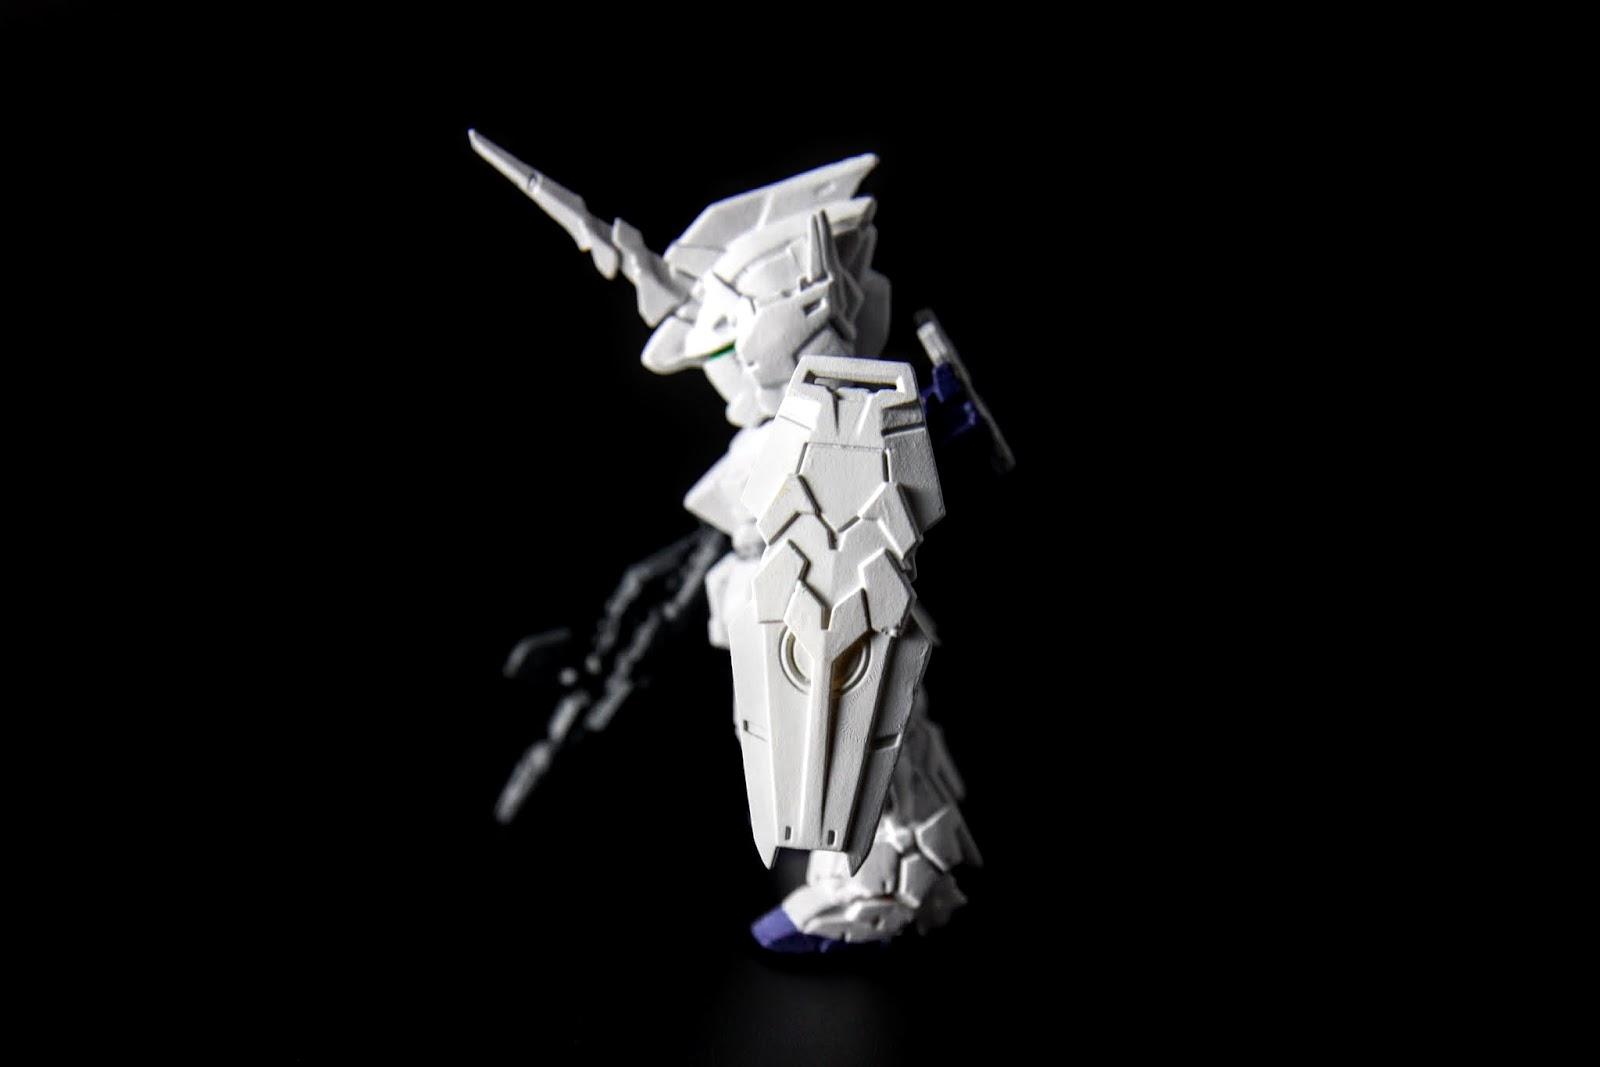 純白無瑕的獨角獸型態更勝傳統鋼彈外貌的毀滅型態